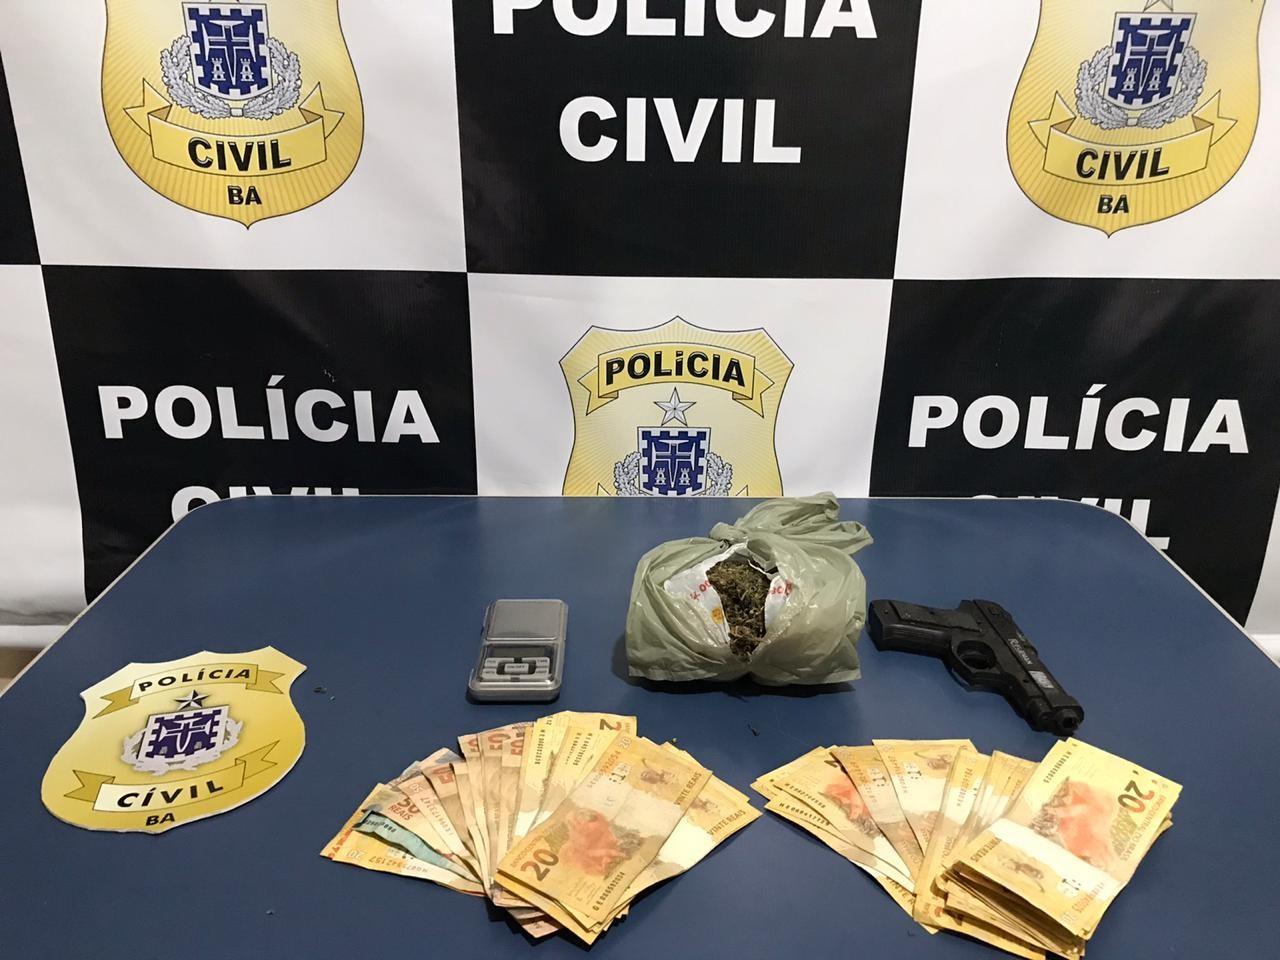 Suspeito de envolvimento no tráfico de drogas é preso em flagrante na Bahia